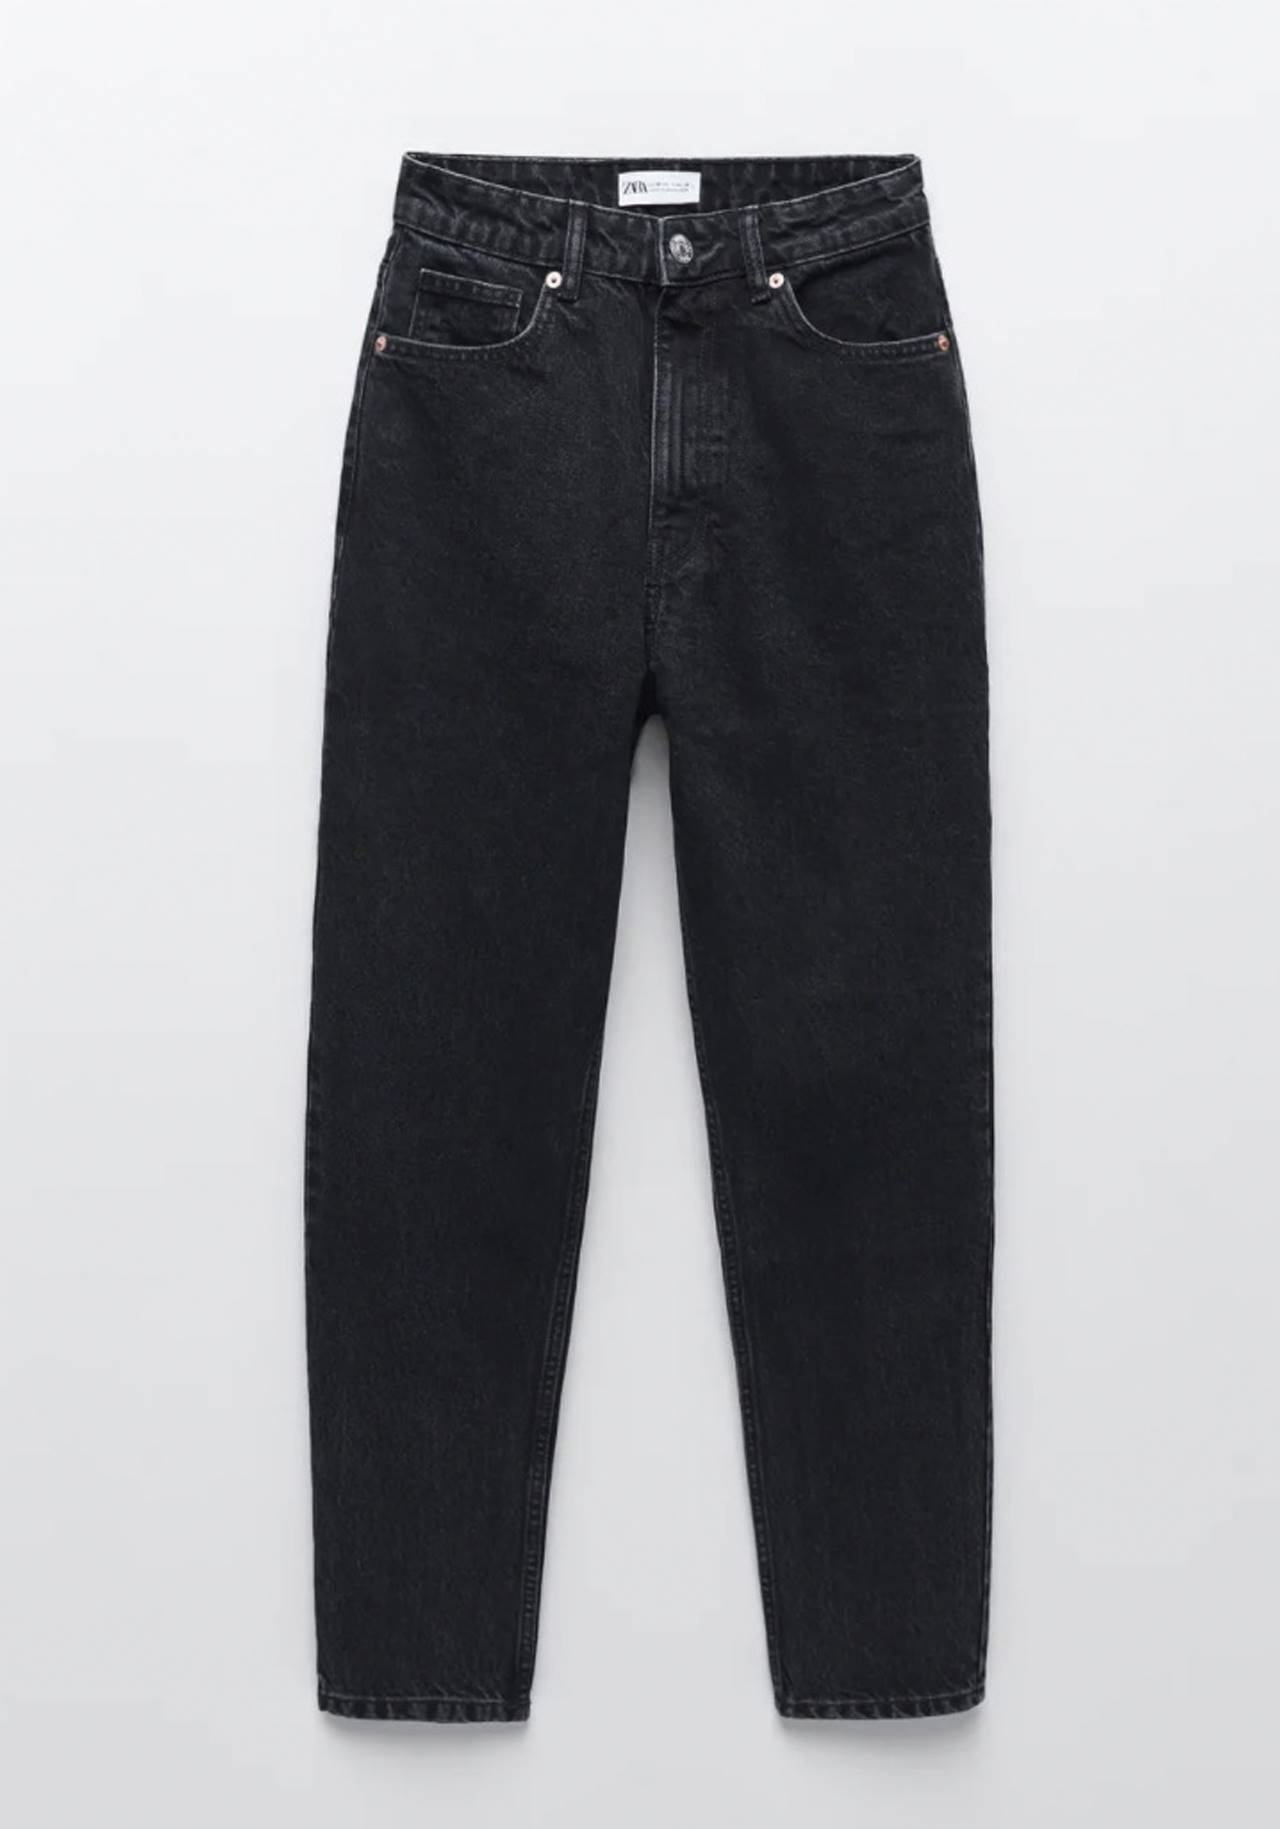 Mom Jeans Ideas Y Looks Para Lucir Con Estilo La Gran Tendencia En Vaqueros